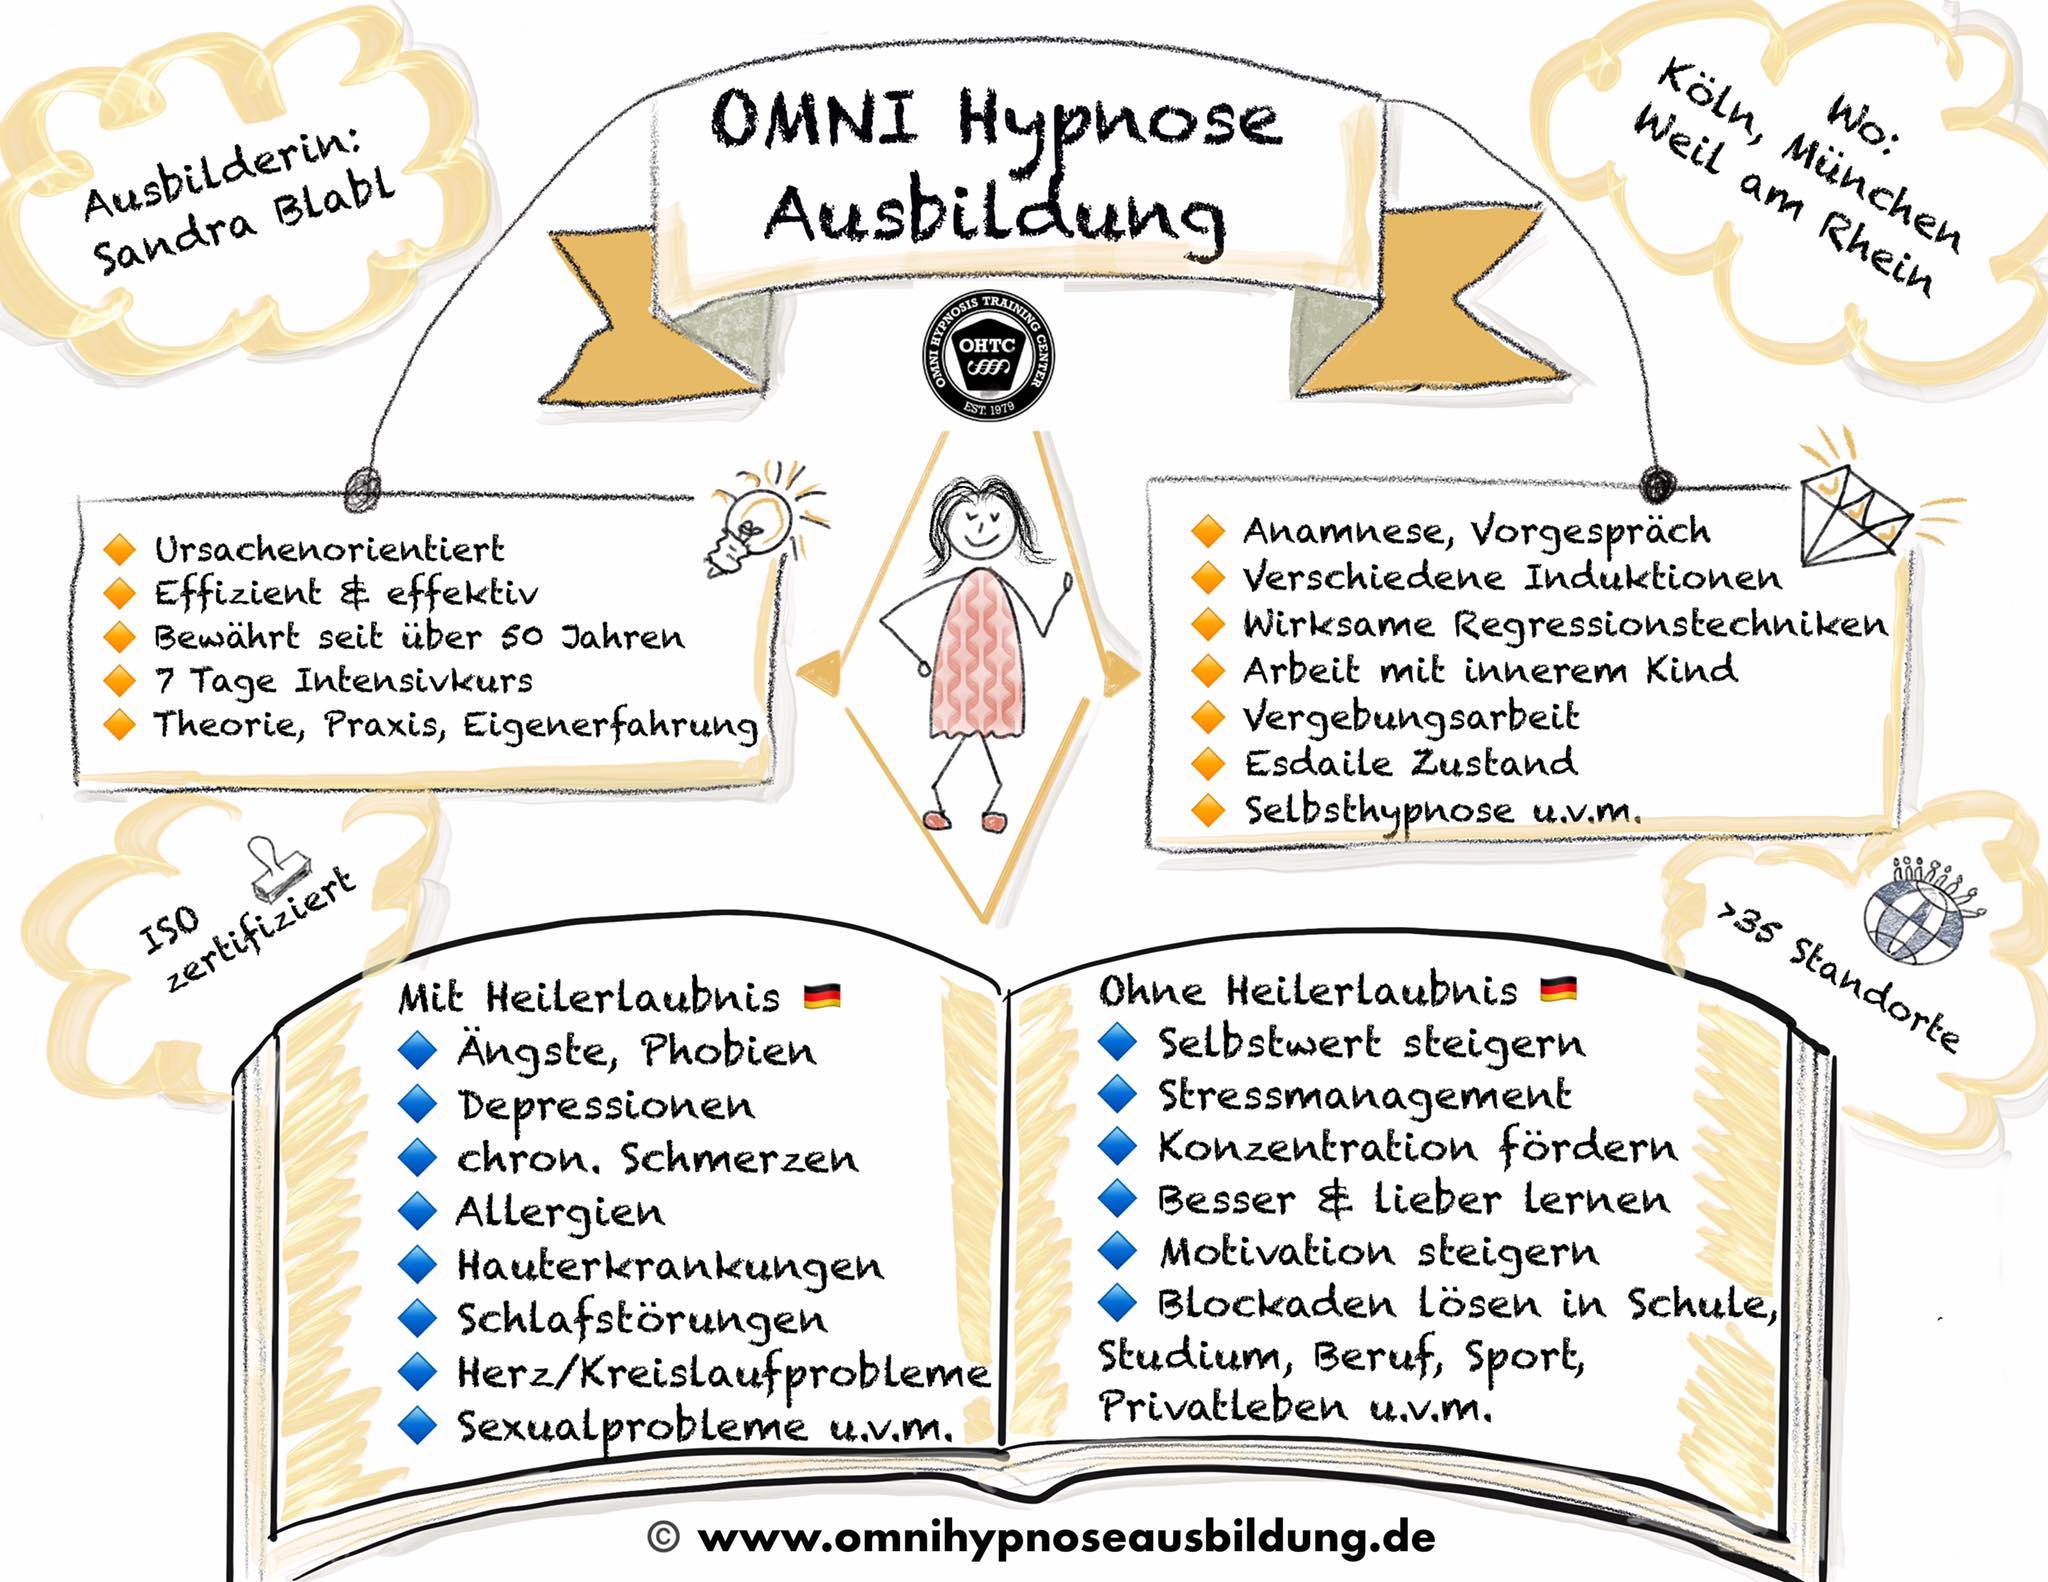 Omni Hypnose